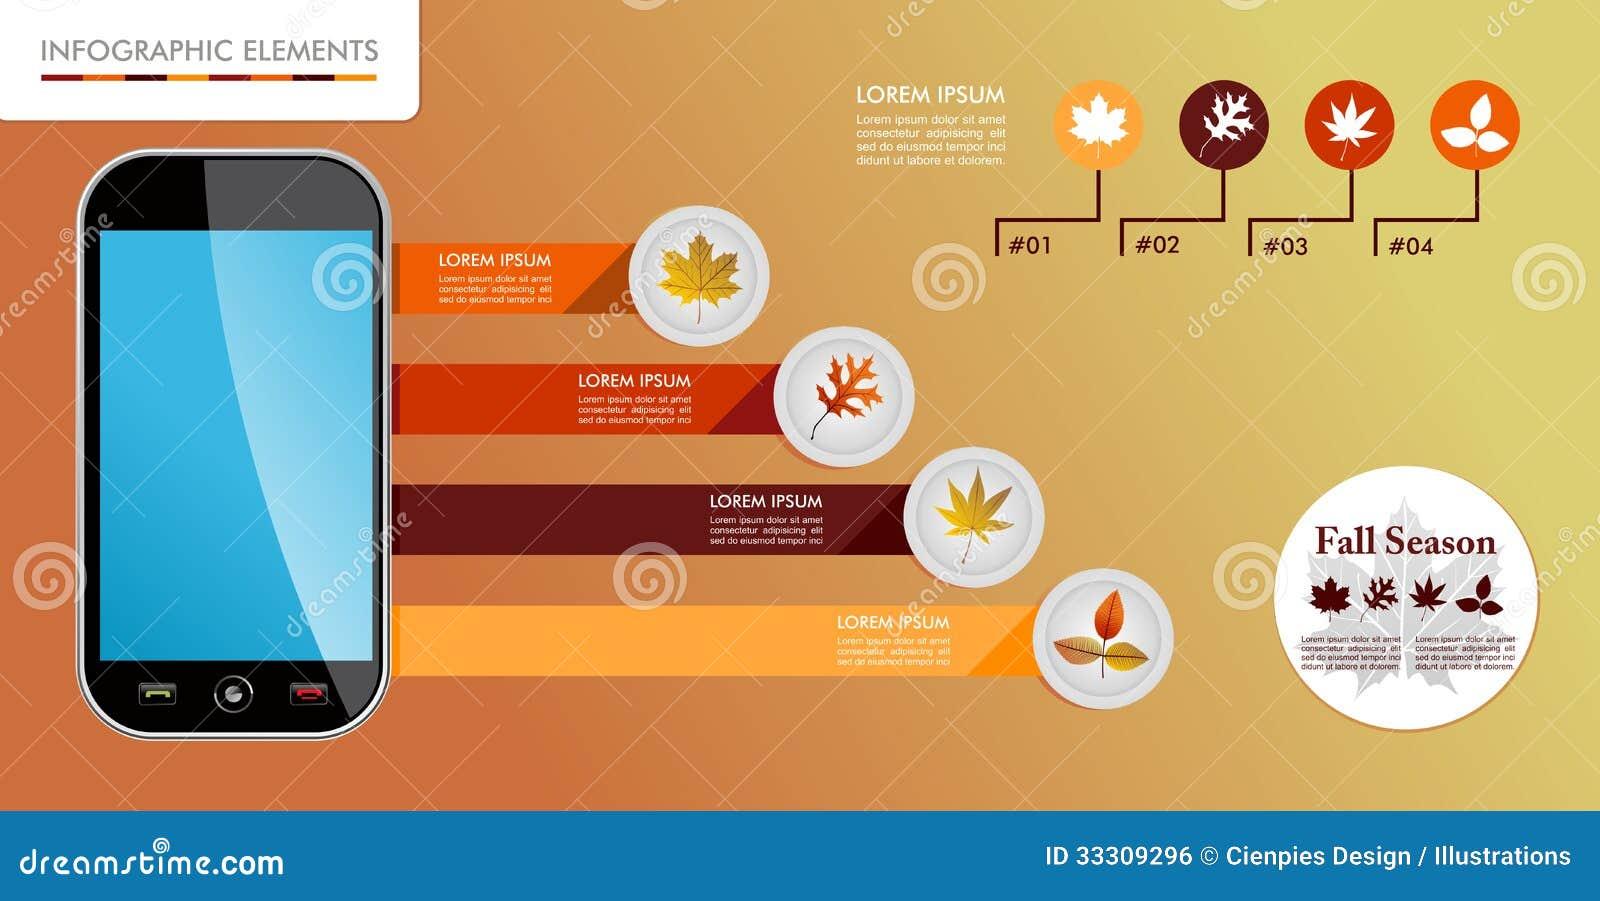 Free infographic app